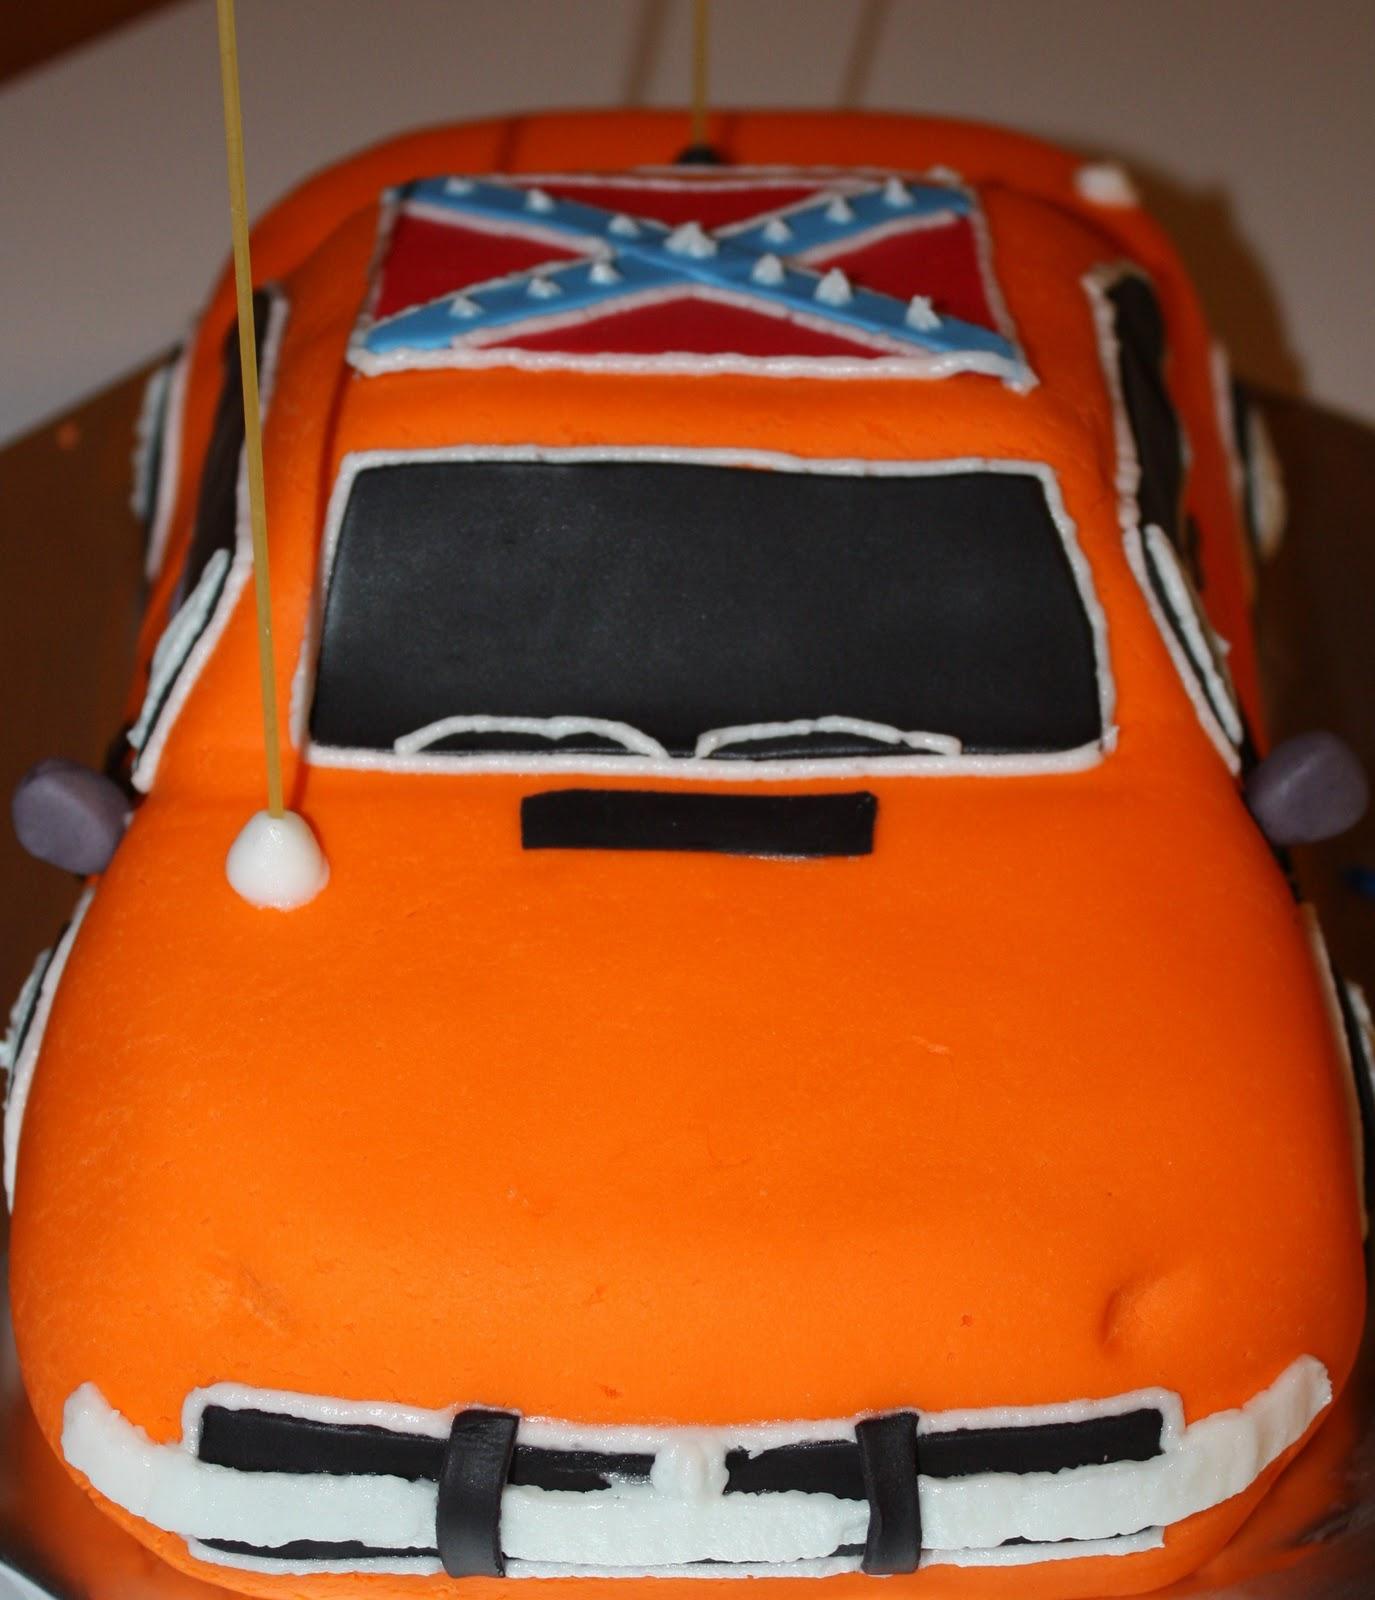 Dukes Of Hazzard Car Cake Pan